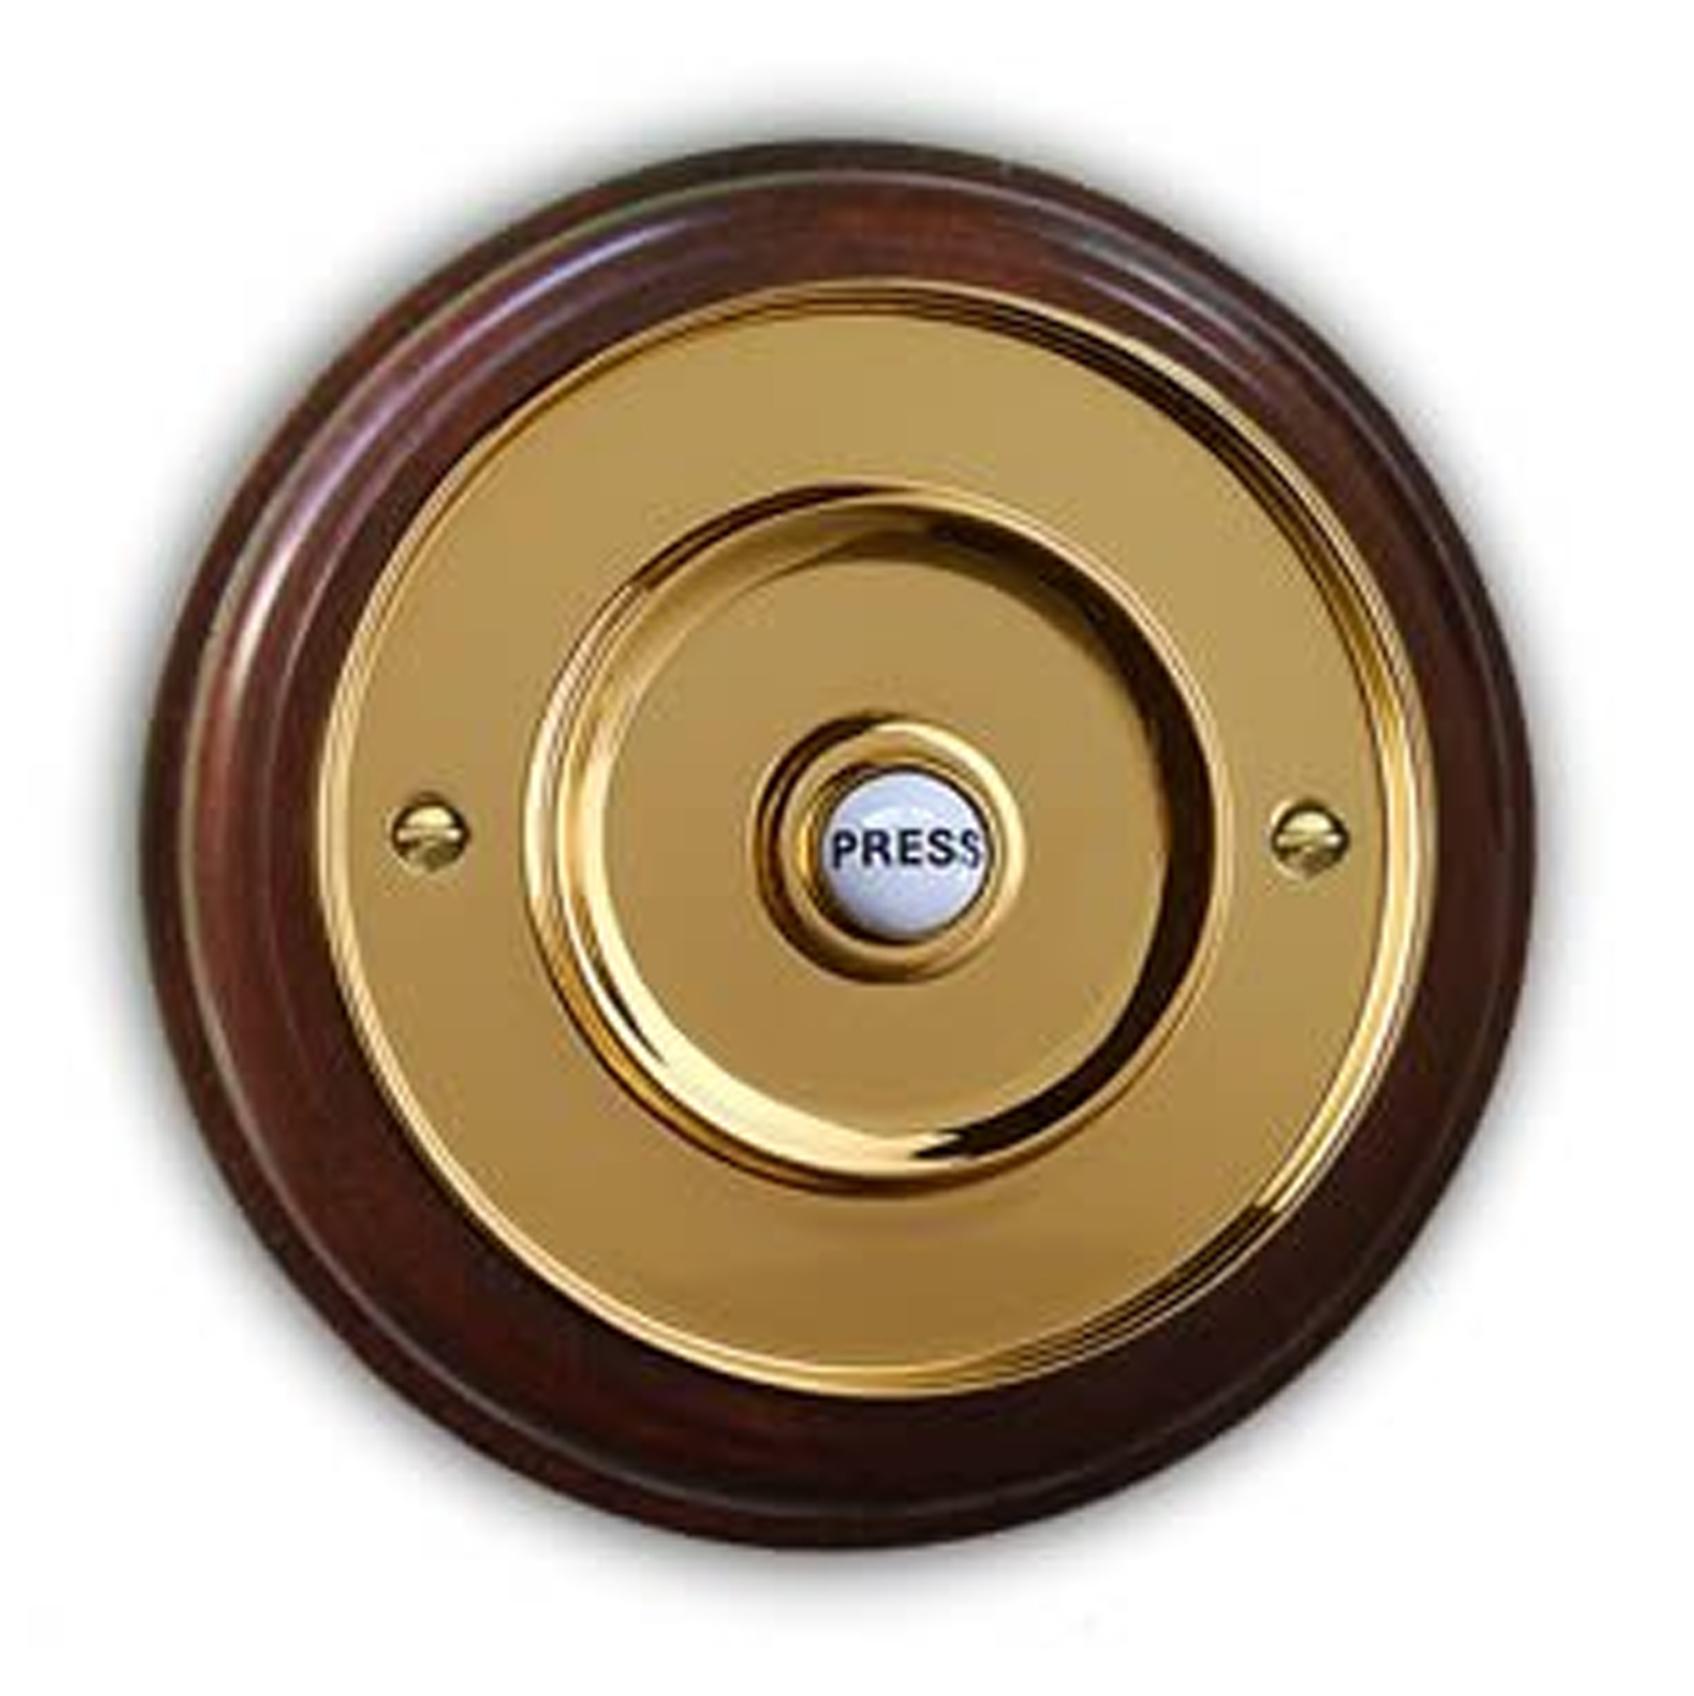 76mm Brass Door Bell on Mahogany Plinth